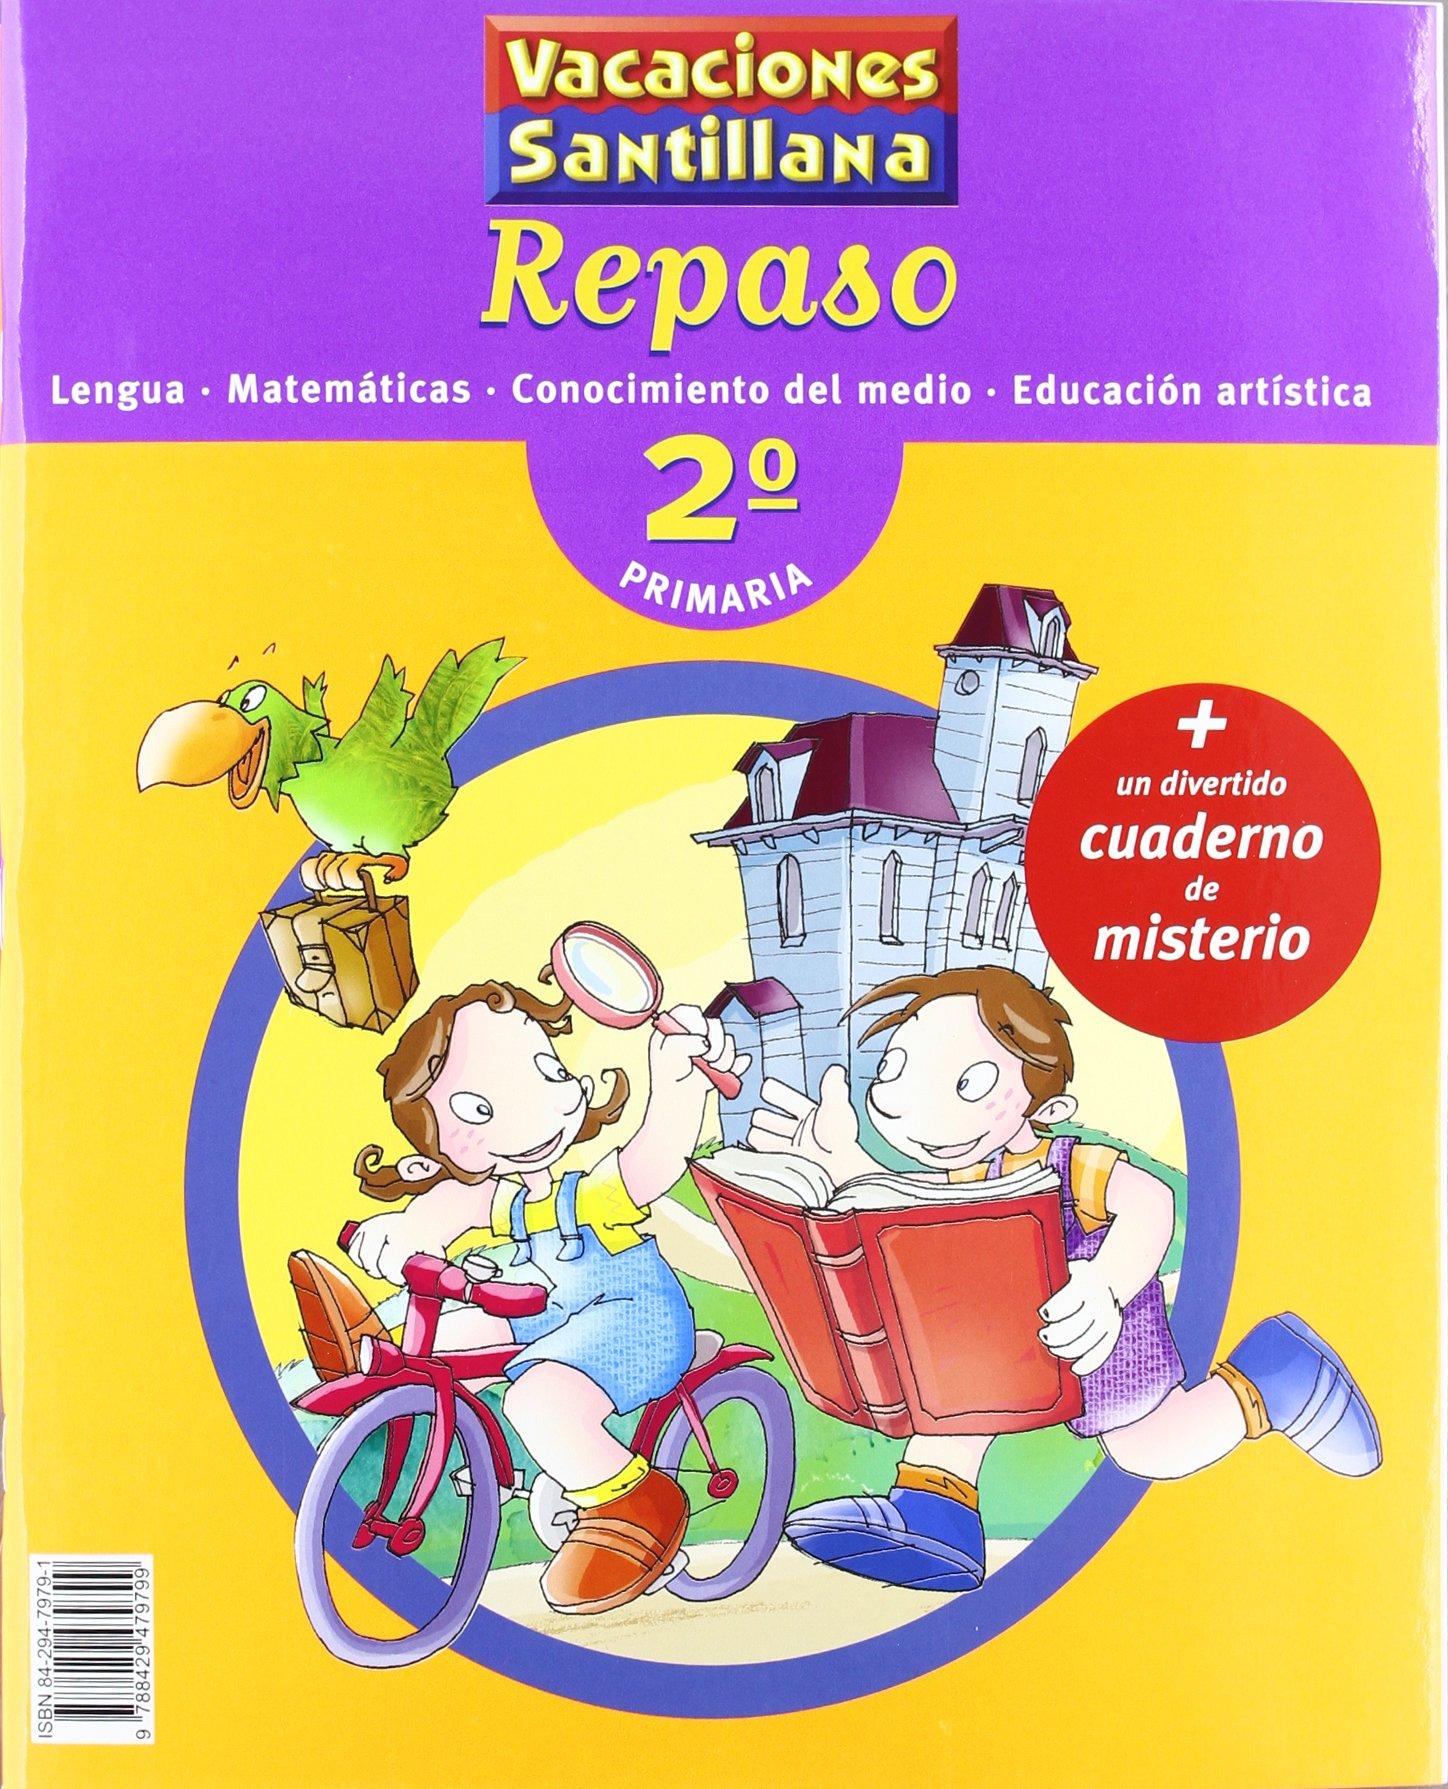 Vacaciones Santillana, lengua, matemáticas, conocimiento del medio, educación artística, 2 Educación Primaria. Repaso - 9788429479799: Amazon.es: Varios autores: Libros